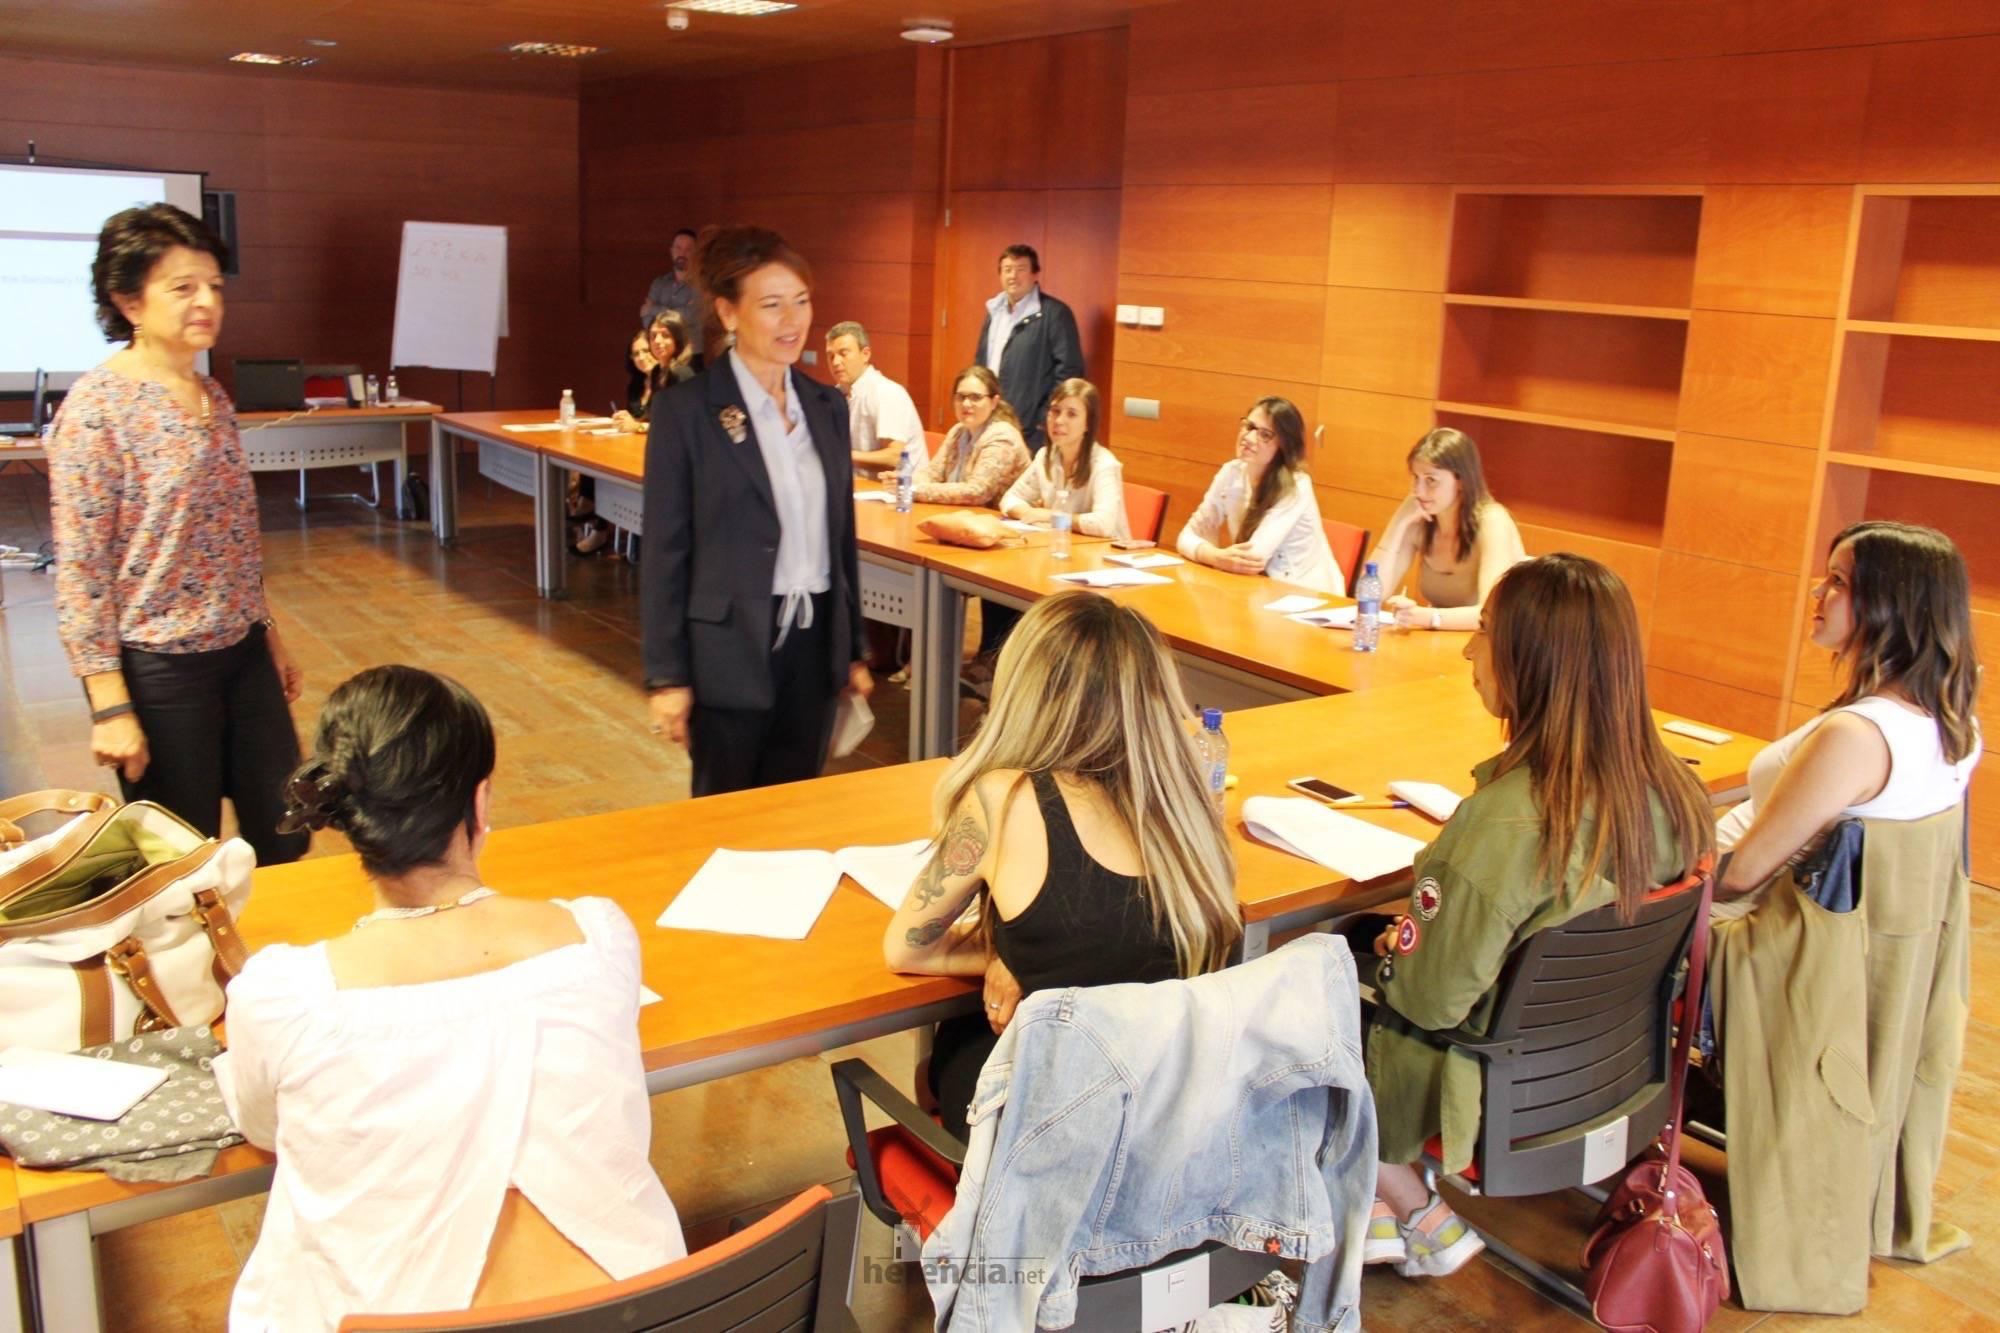 Bienestar Social organiza la primera jornada formativa sobre sensibilización y protocolos de actuación en materia de abuso infantil